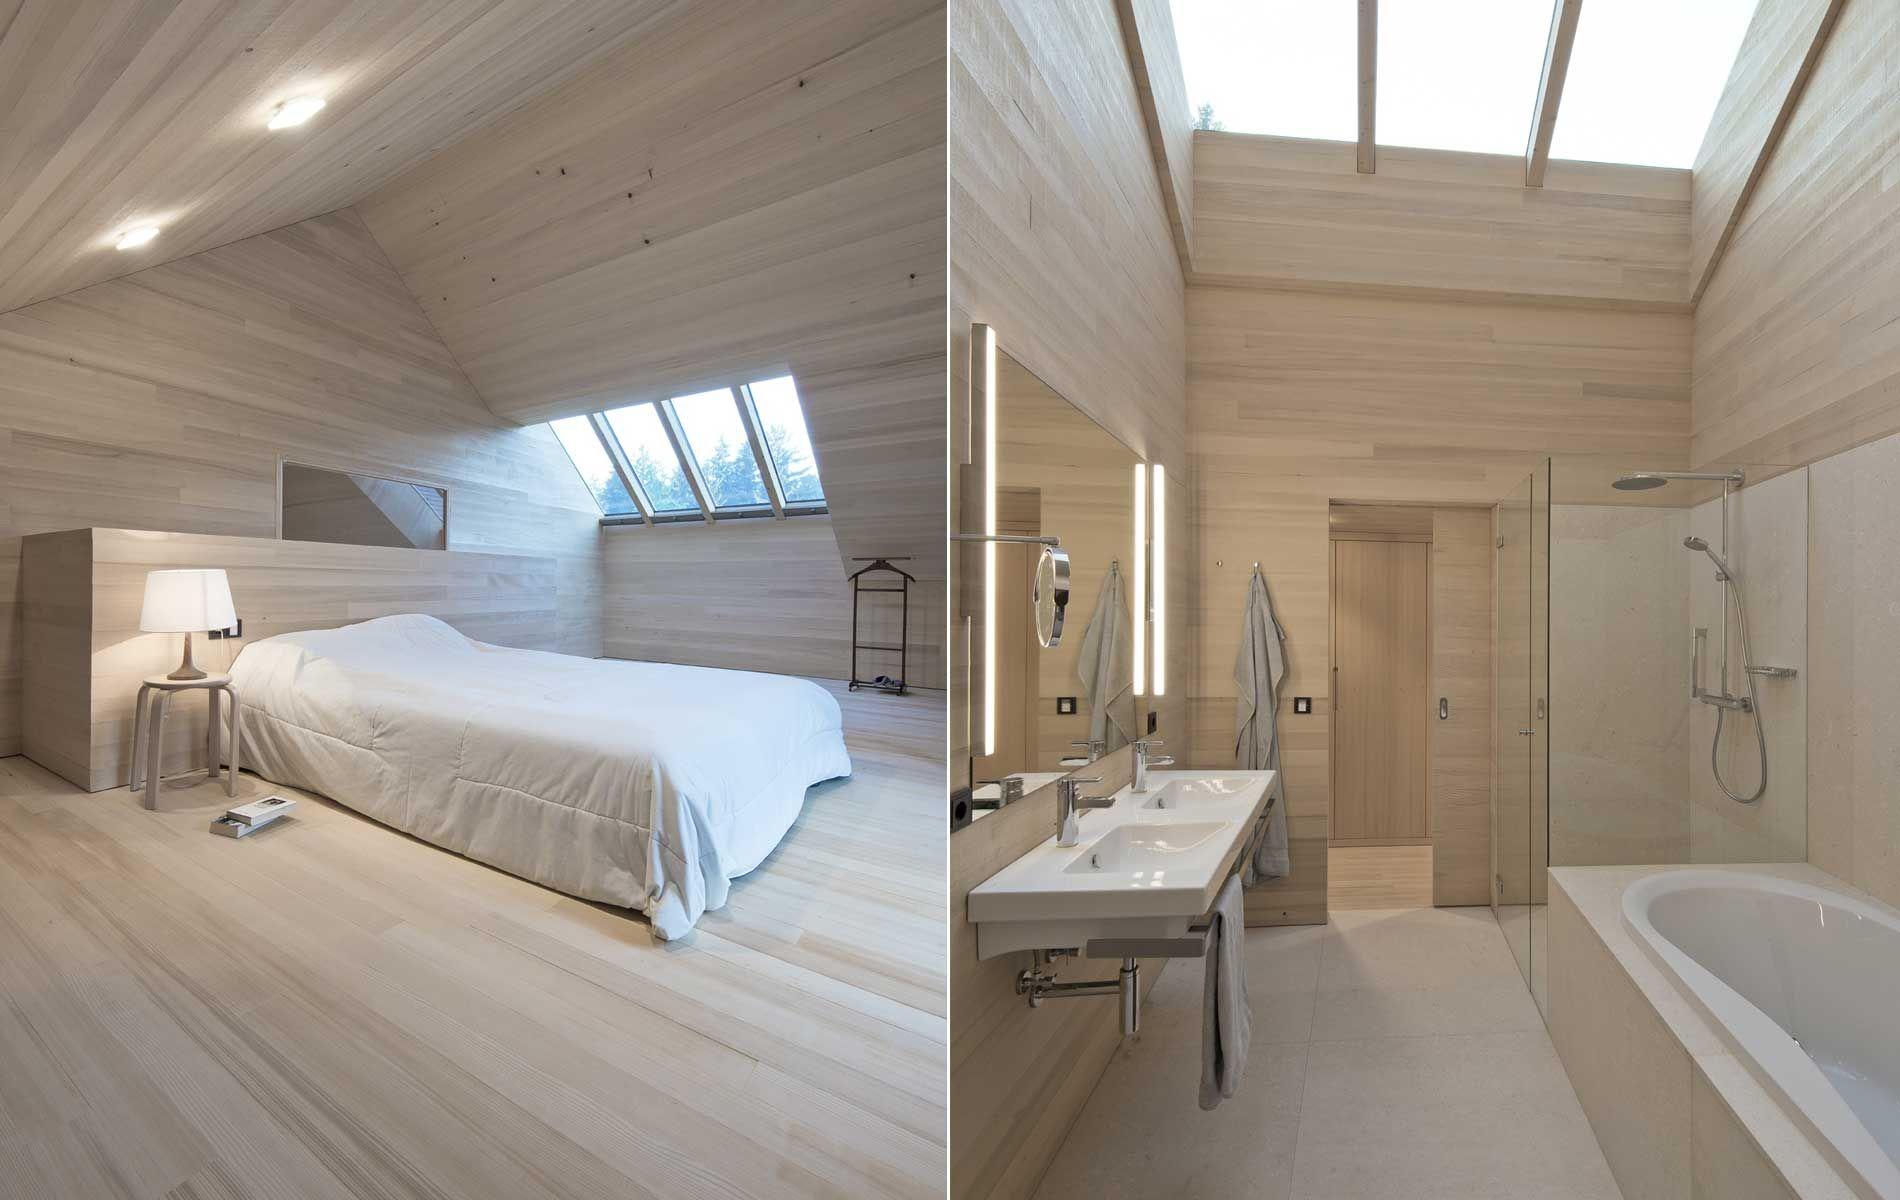 Wochenendhaus d holzhaus modern was wir bauen for Wochenendhaus modern